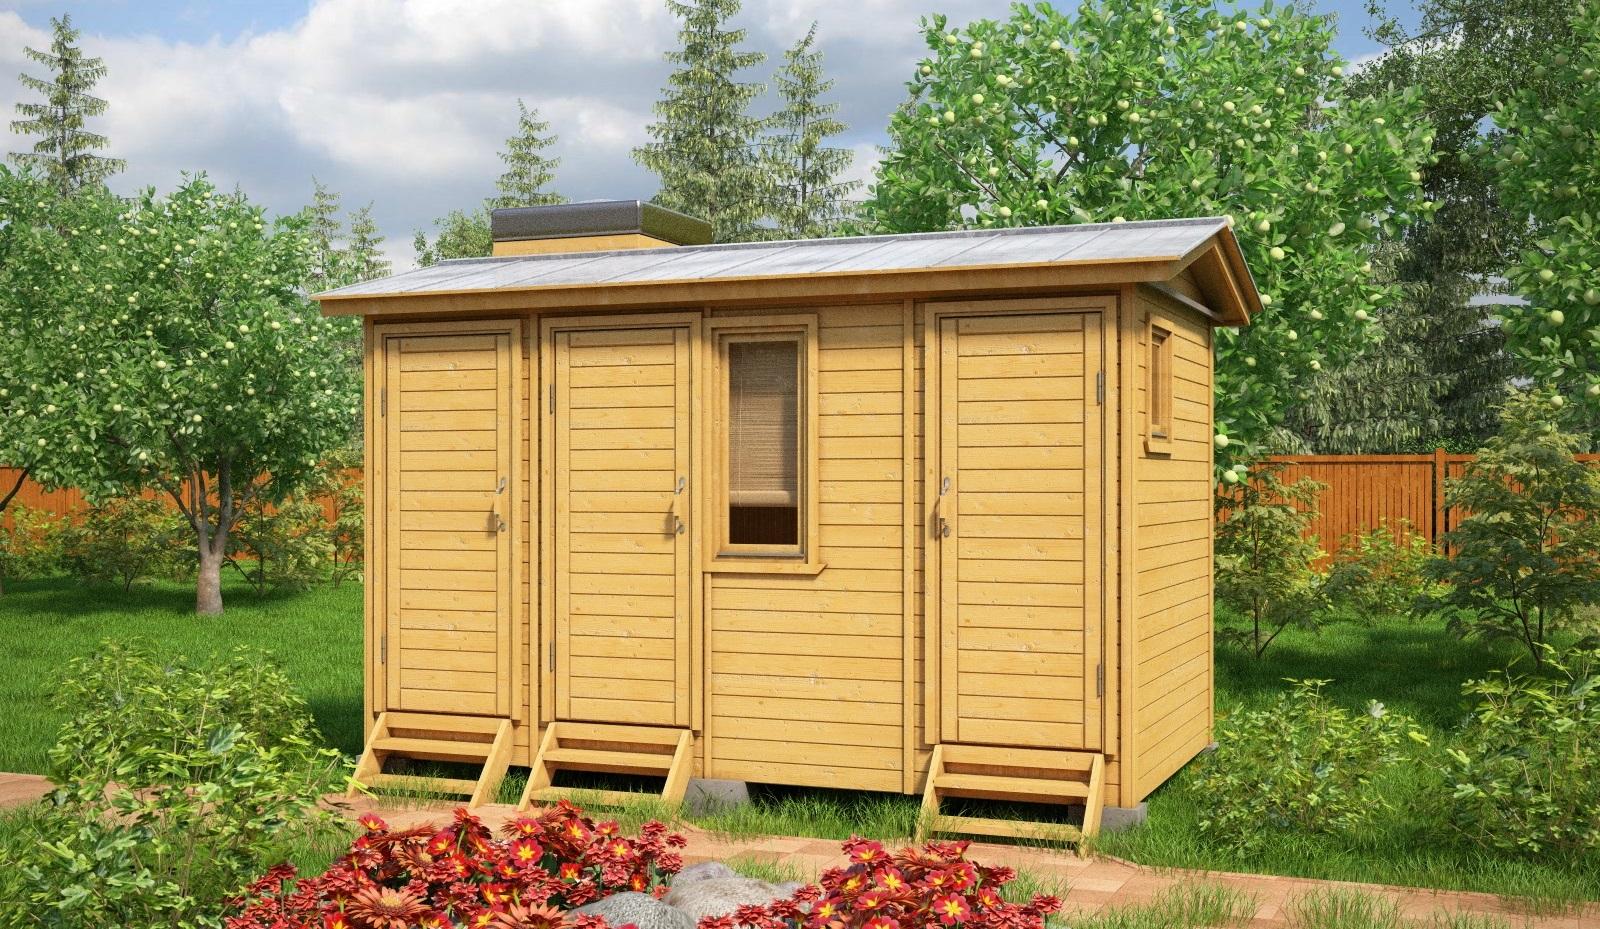 Душ и туалет для дачи под одной крышей